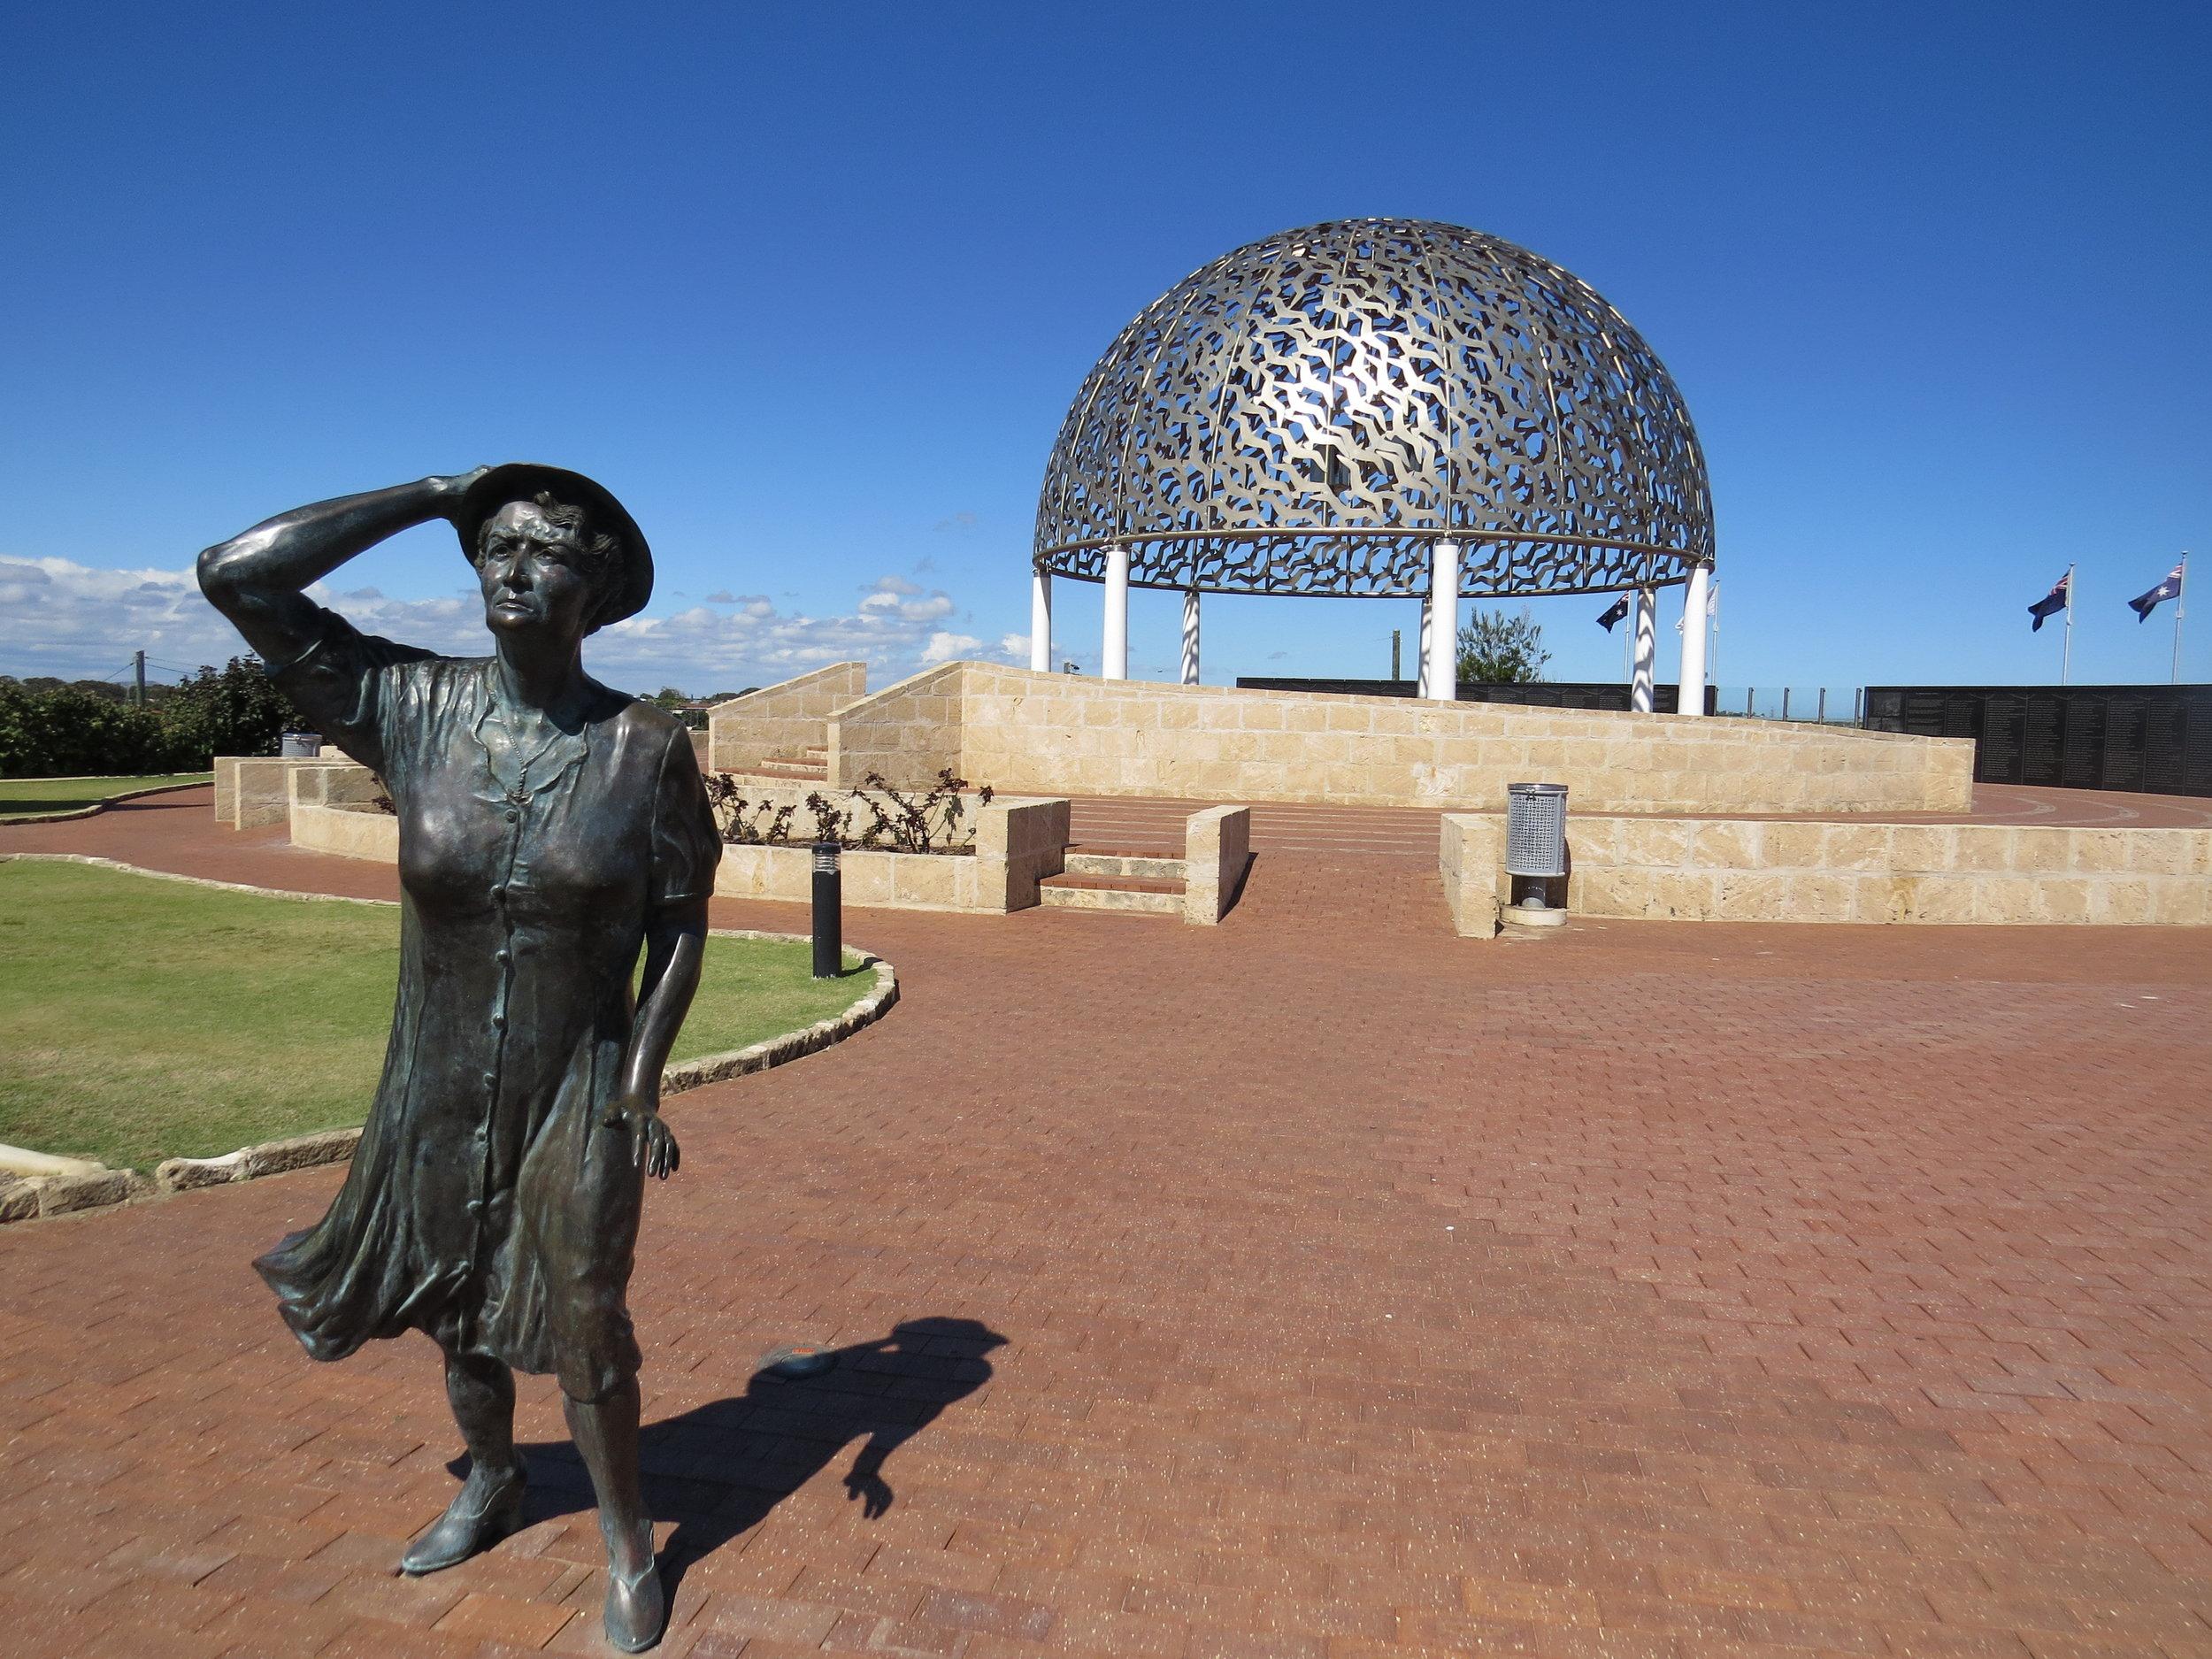 HMAS Sydney Memorial in Geraldton